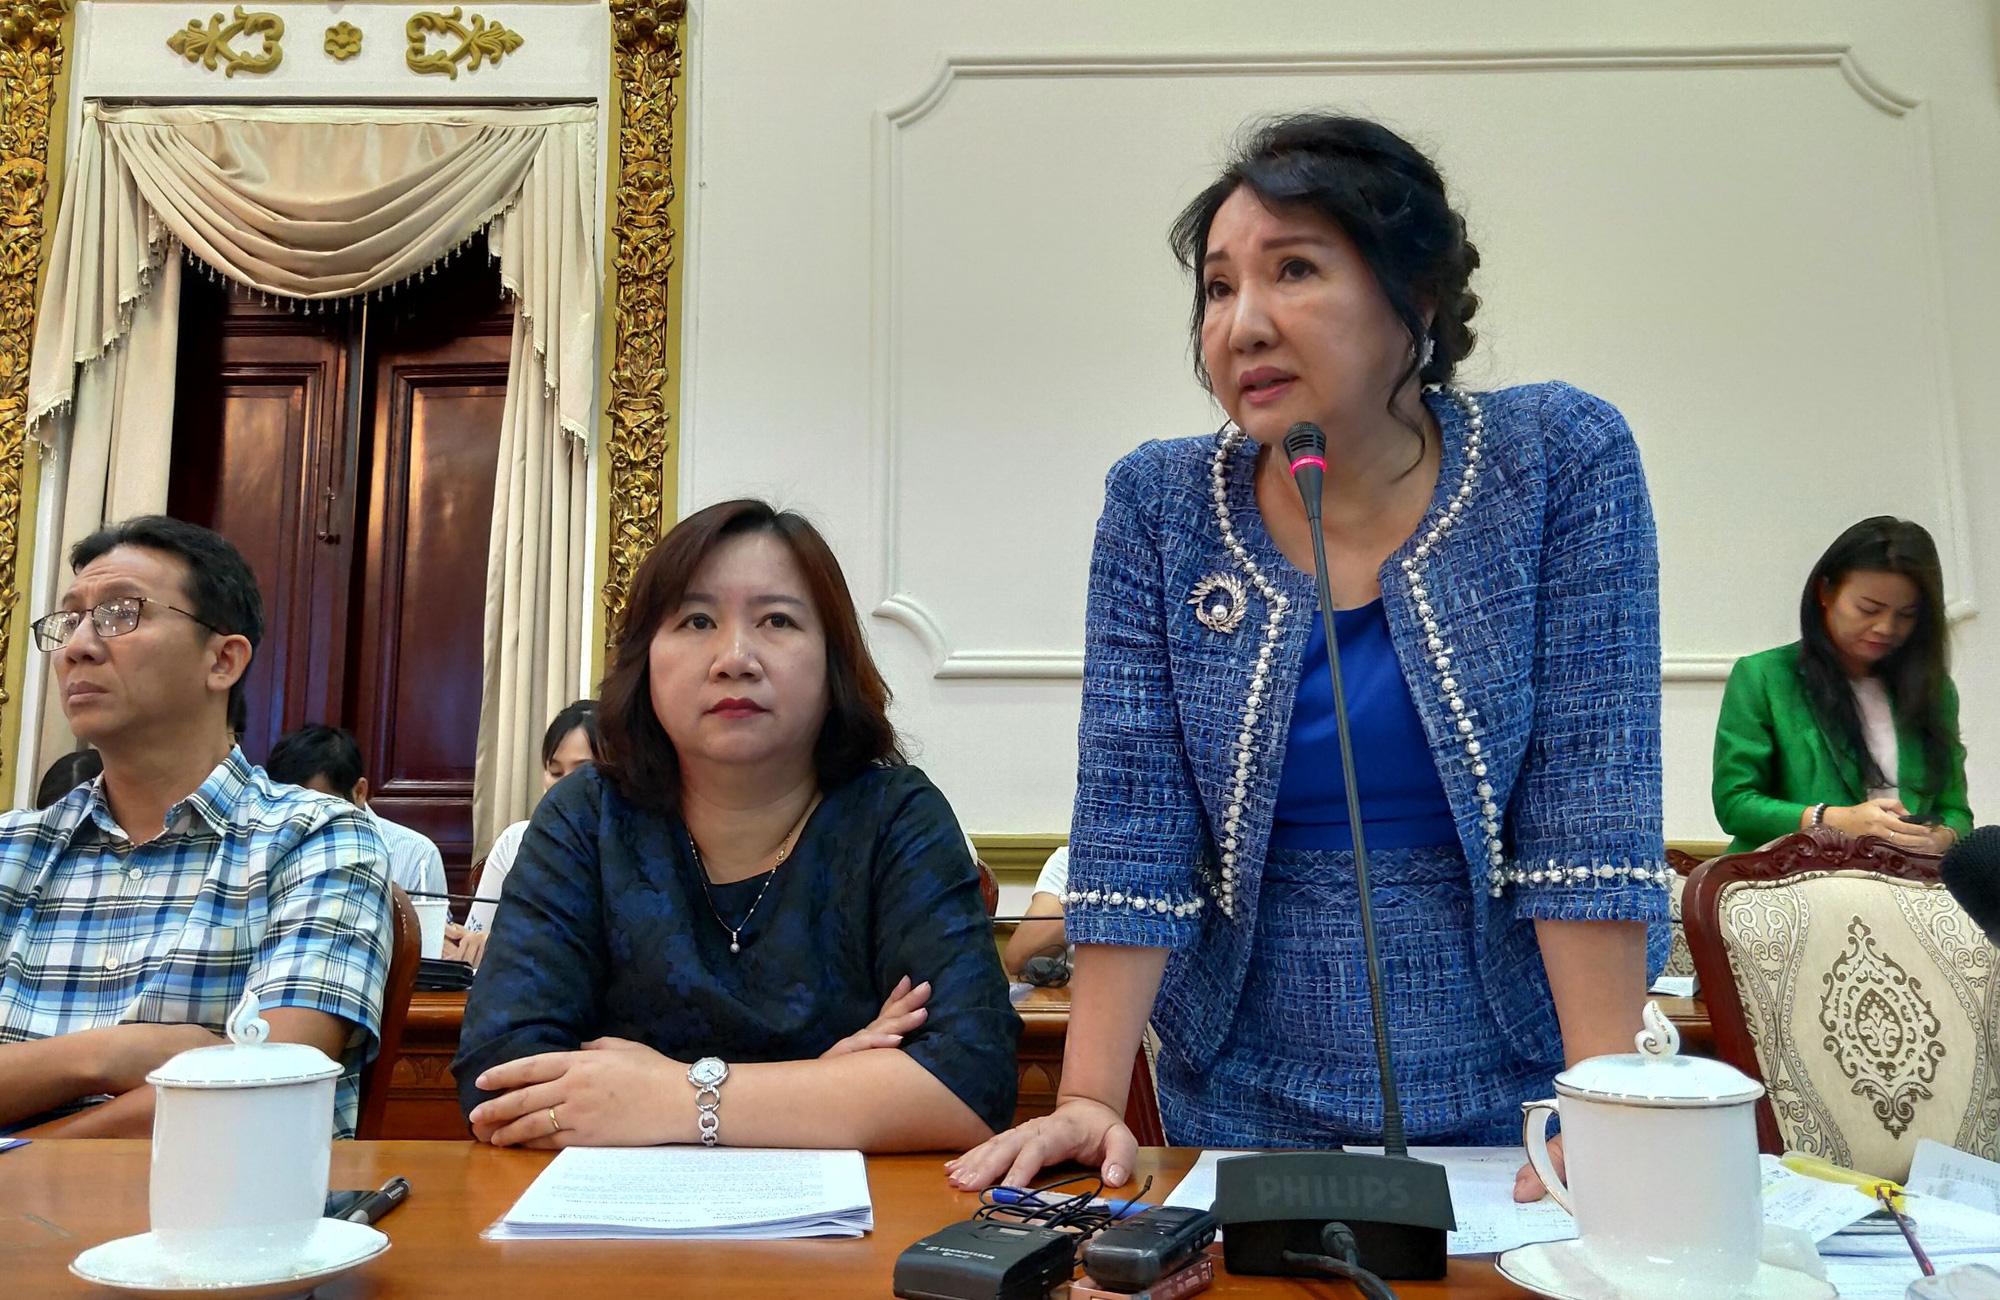 Bà chủ Quốc Cường Gia Lai kêu khổ vì đối tác nước ngoài đòi rút khỏi siêu dự án hàng chục ngàn tỉ đồng - Ảnh 1.